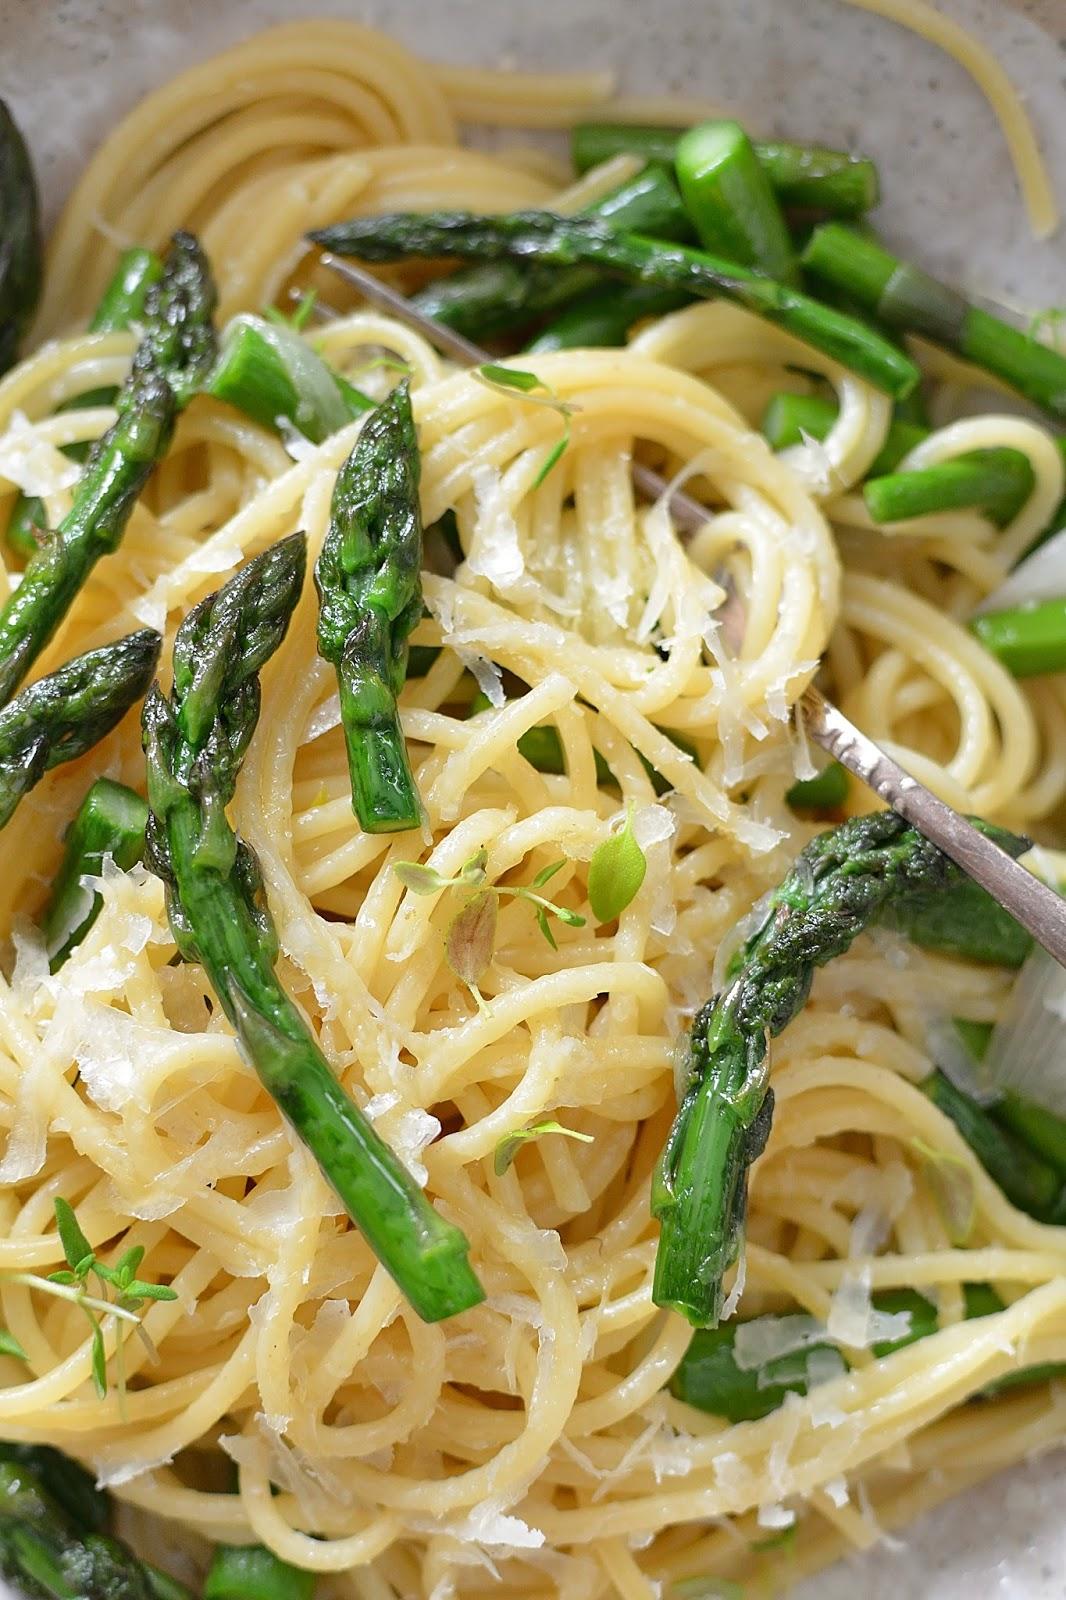 Spaghetti Ze Szparagami Czyli Włoskie Jedzenie Smykwkuchni